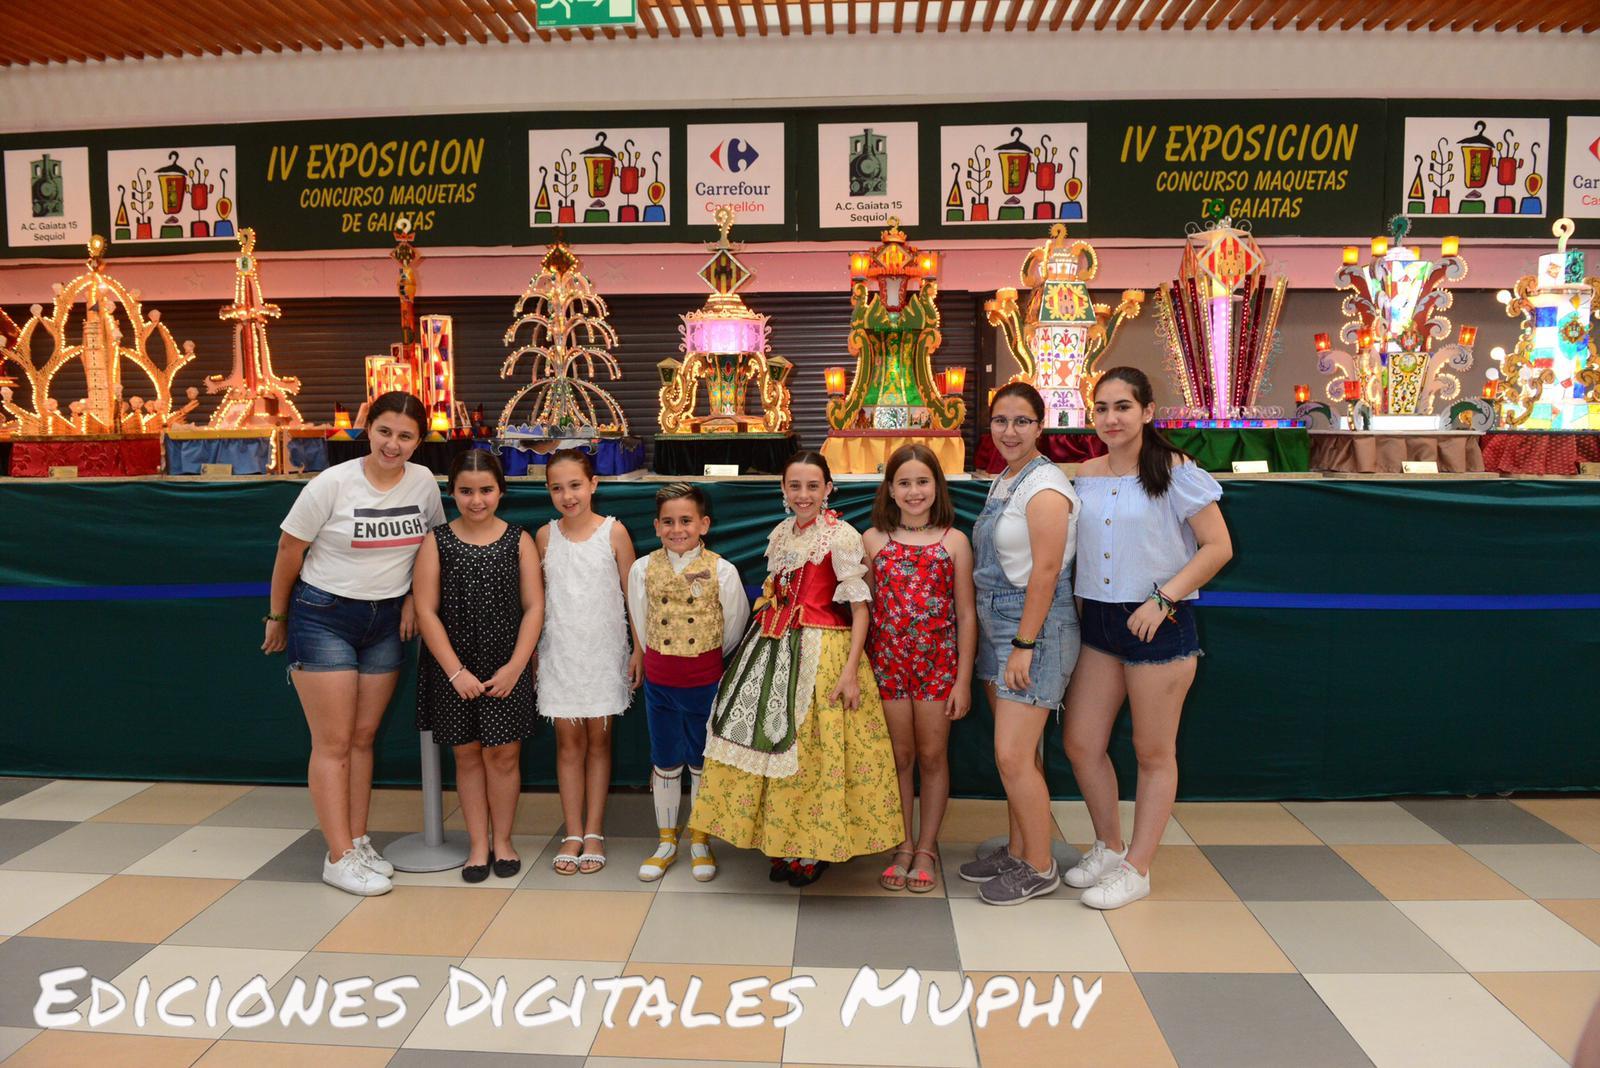 Inauguracionmaquetascarrefour-2019-06-20-20-32-02 (1)